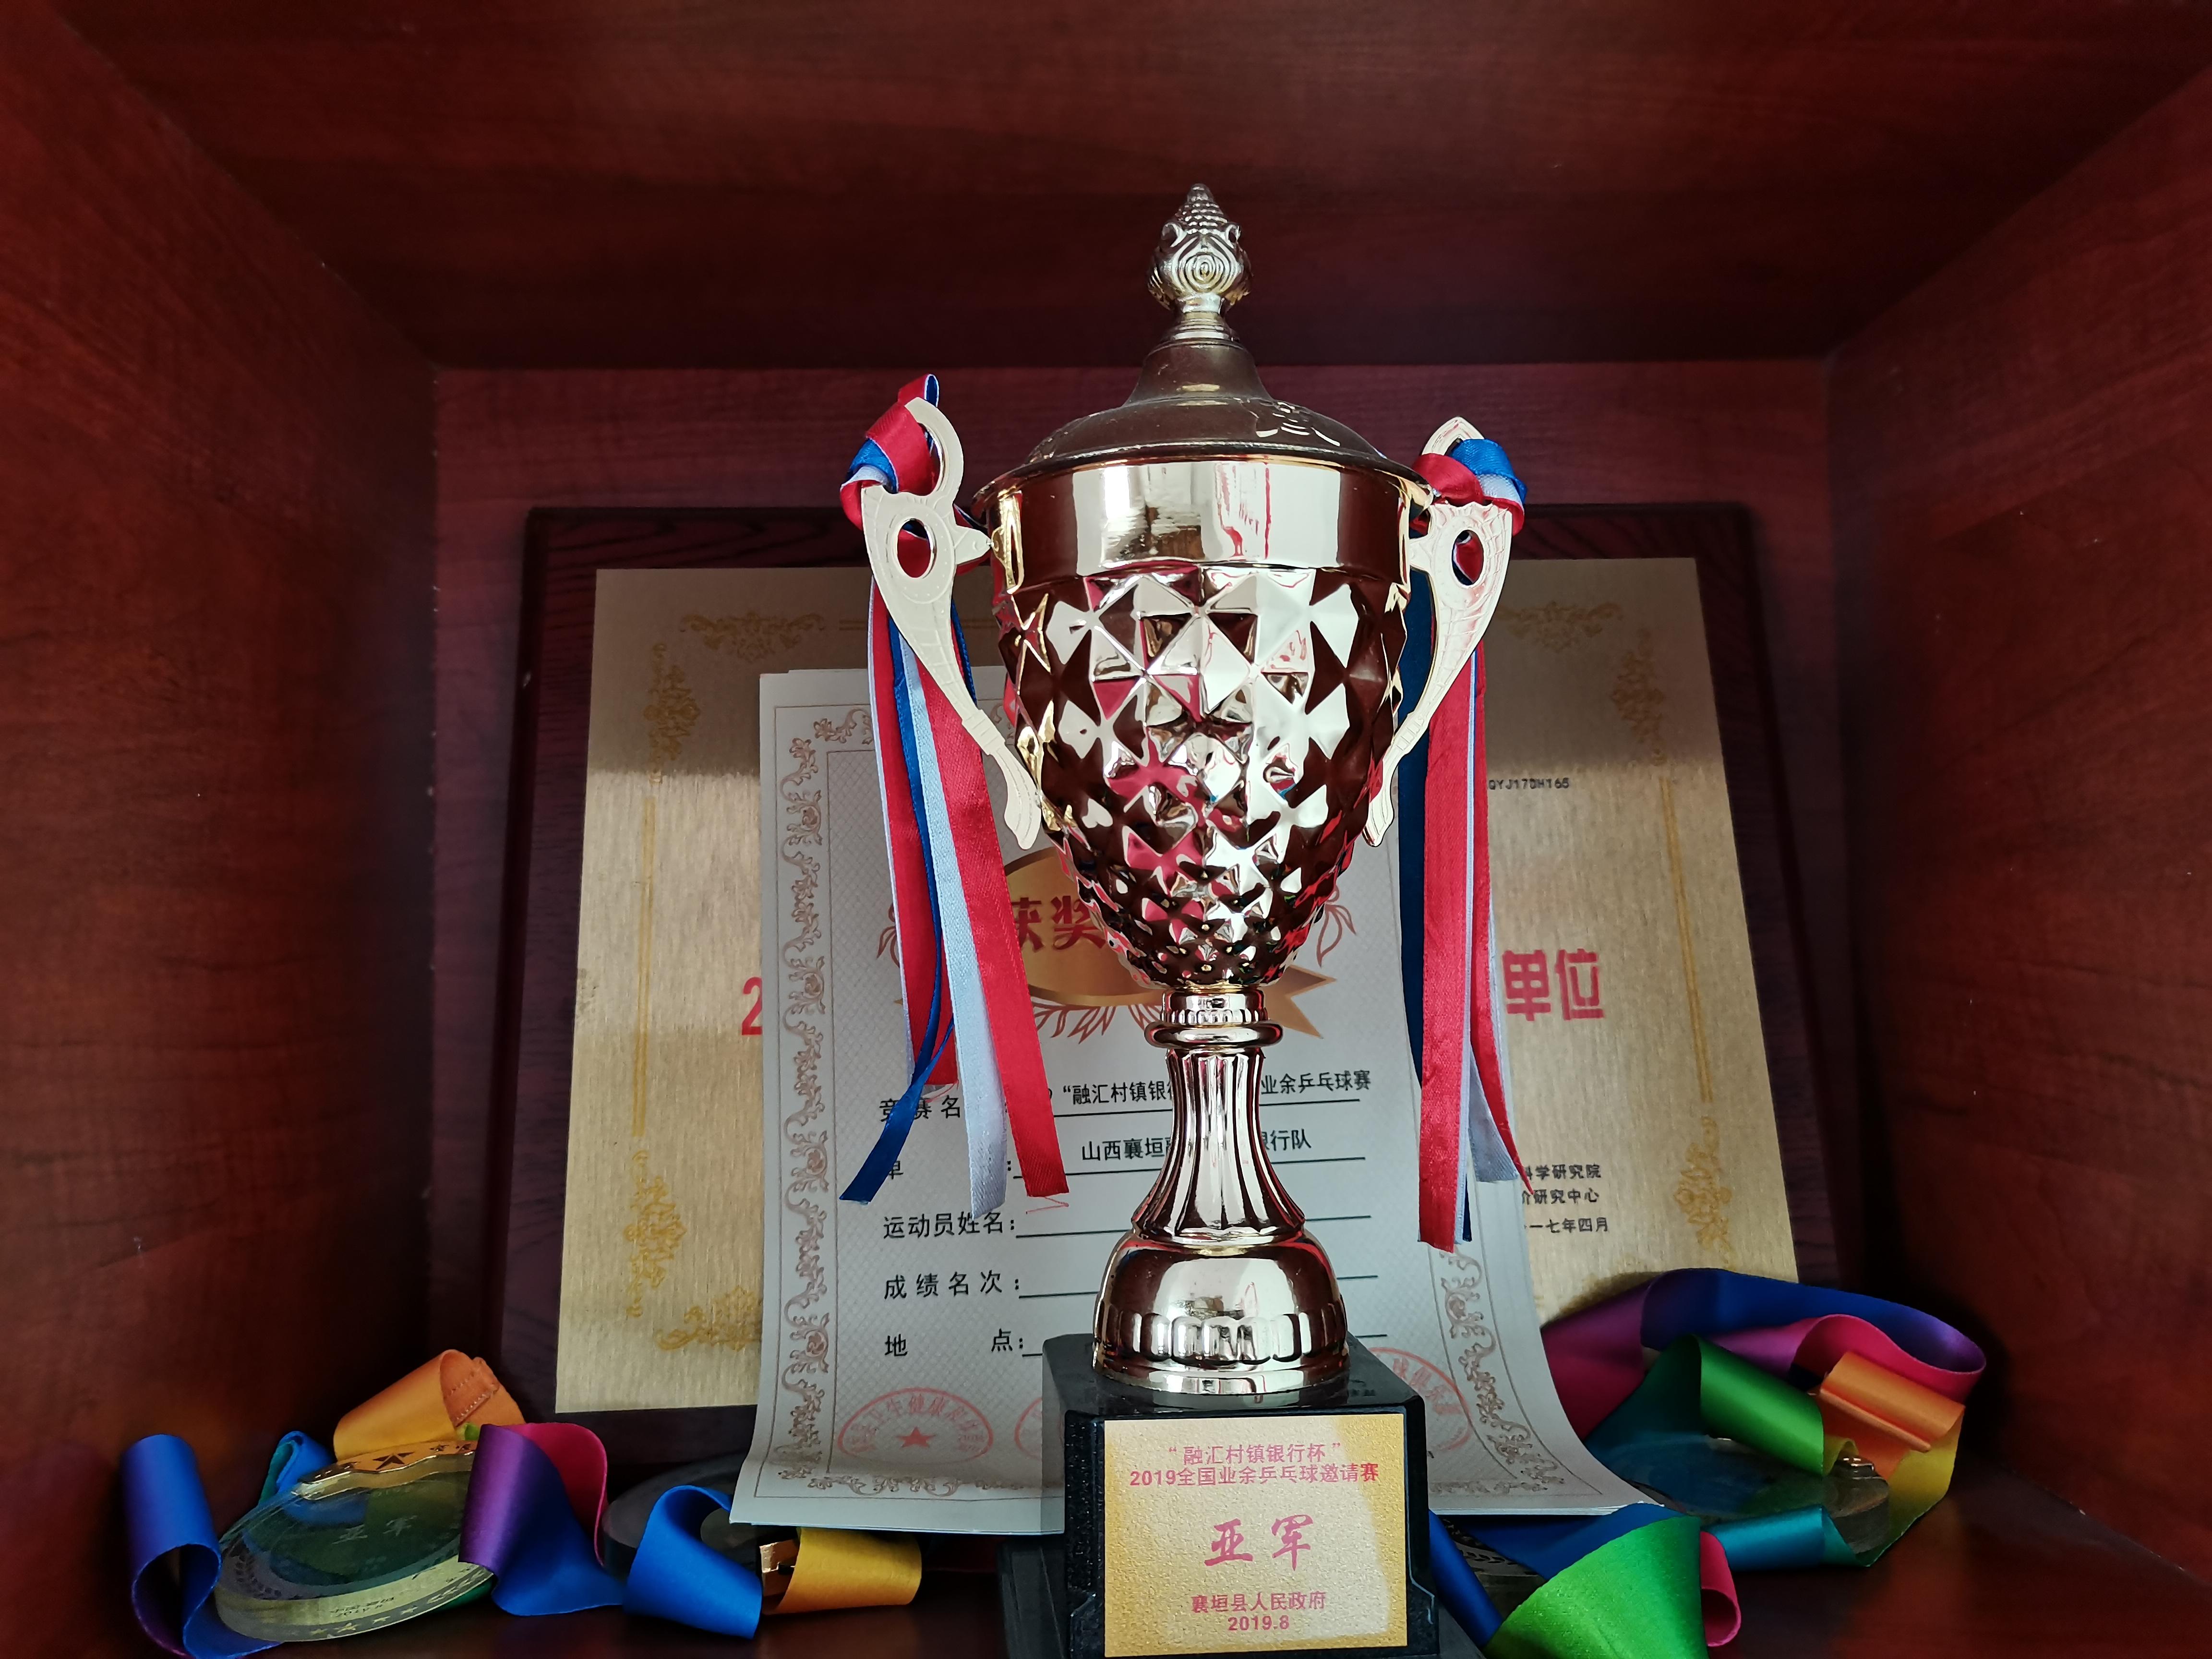 """2019年8月 榮獲""""融匯村鎮銀行杯""""2019全國業余乒乓球邀請賽亞軍"""